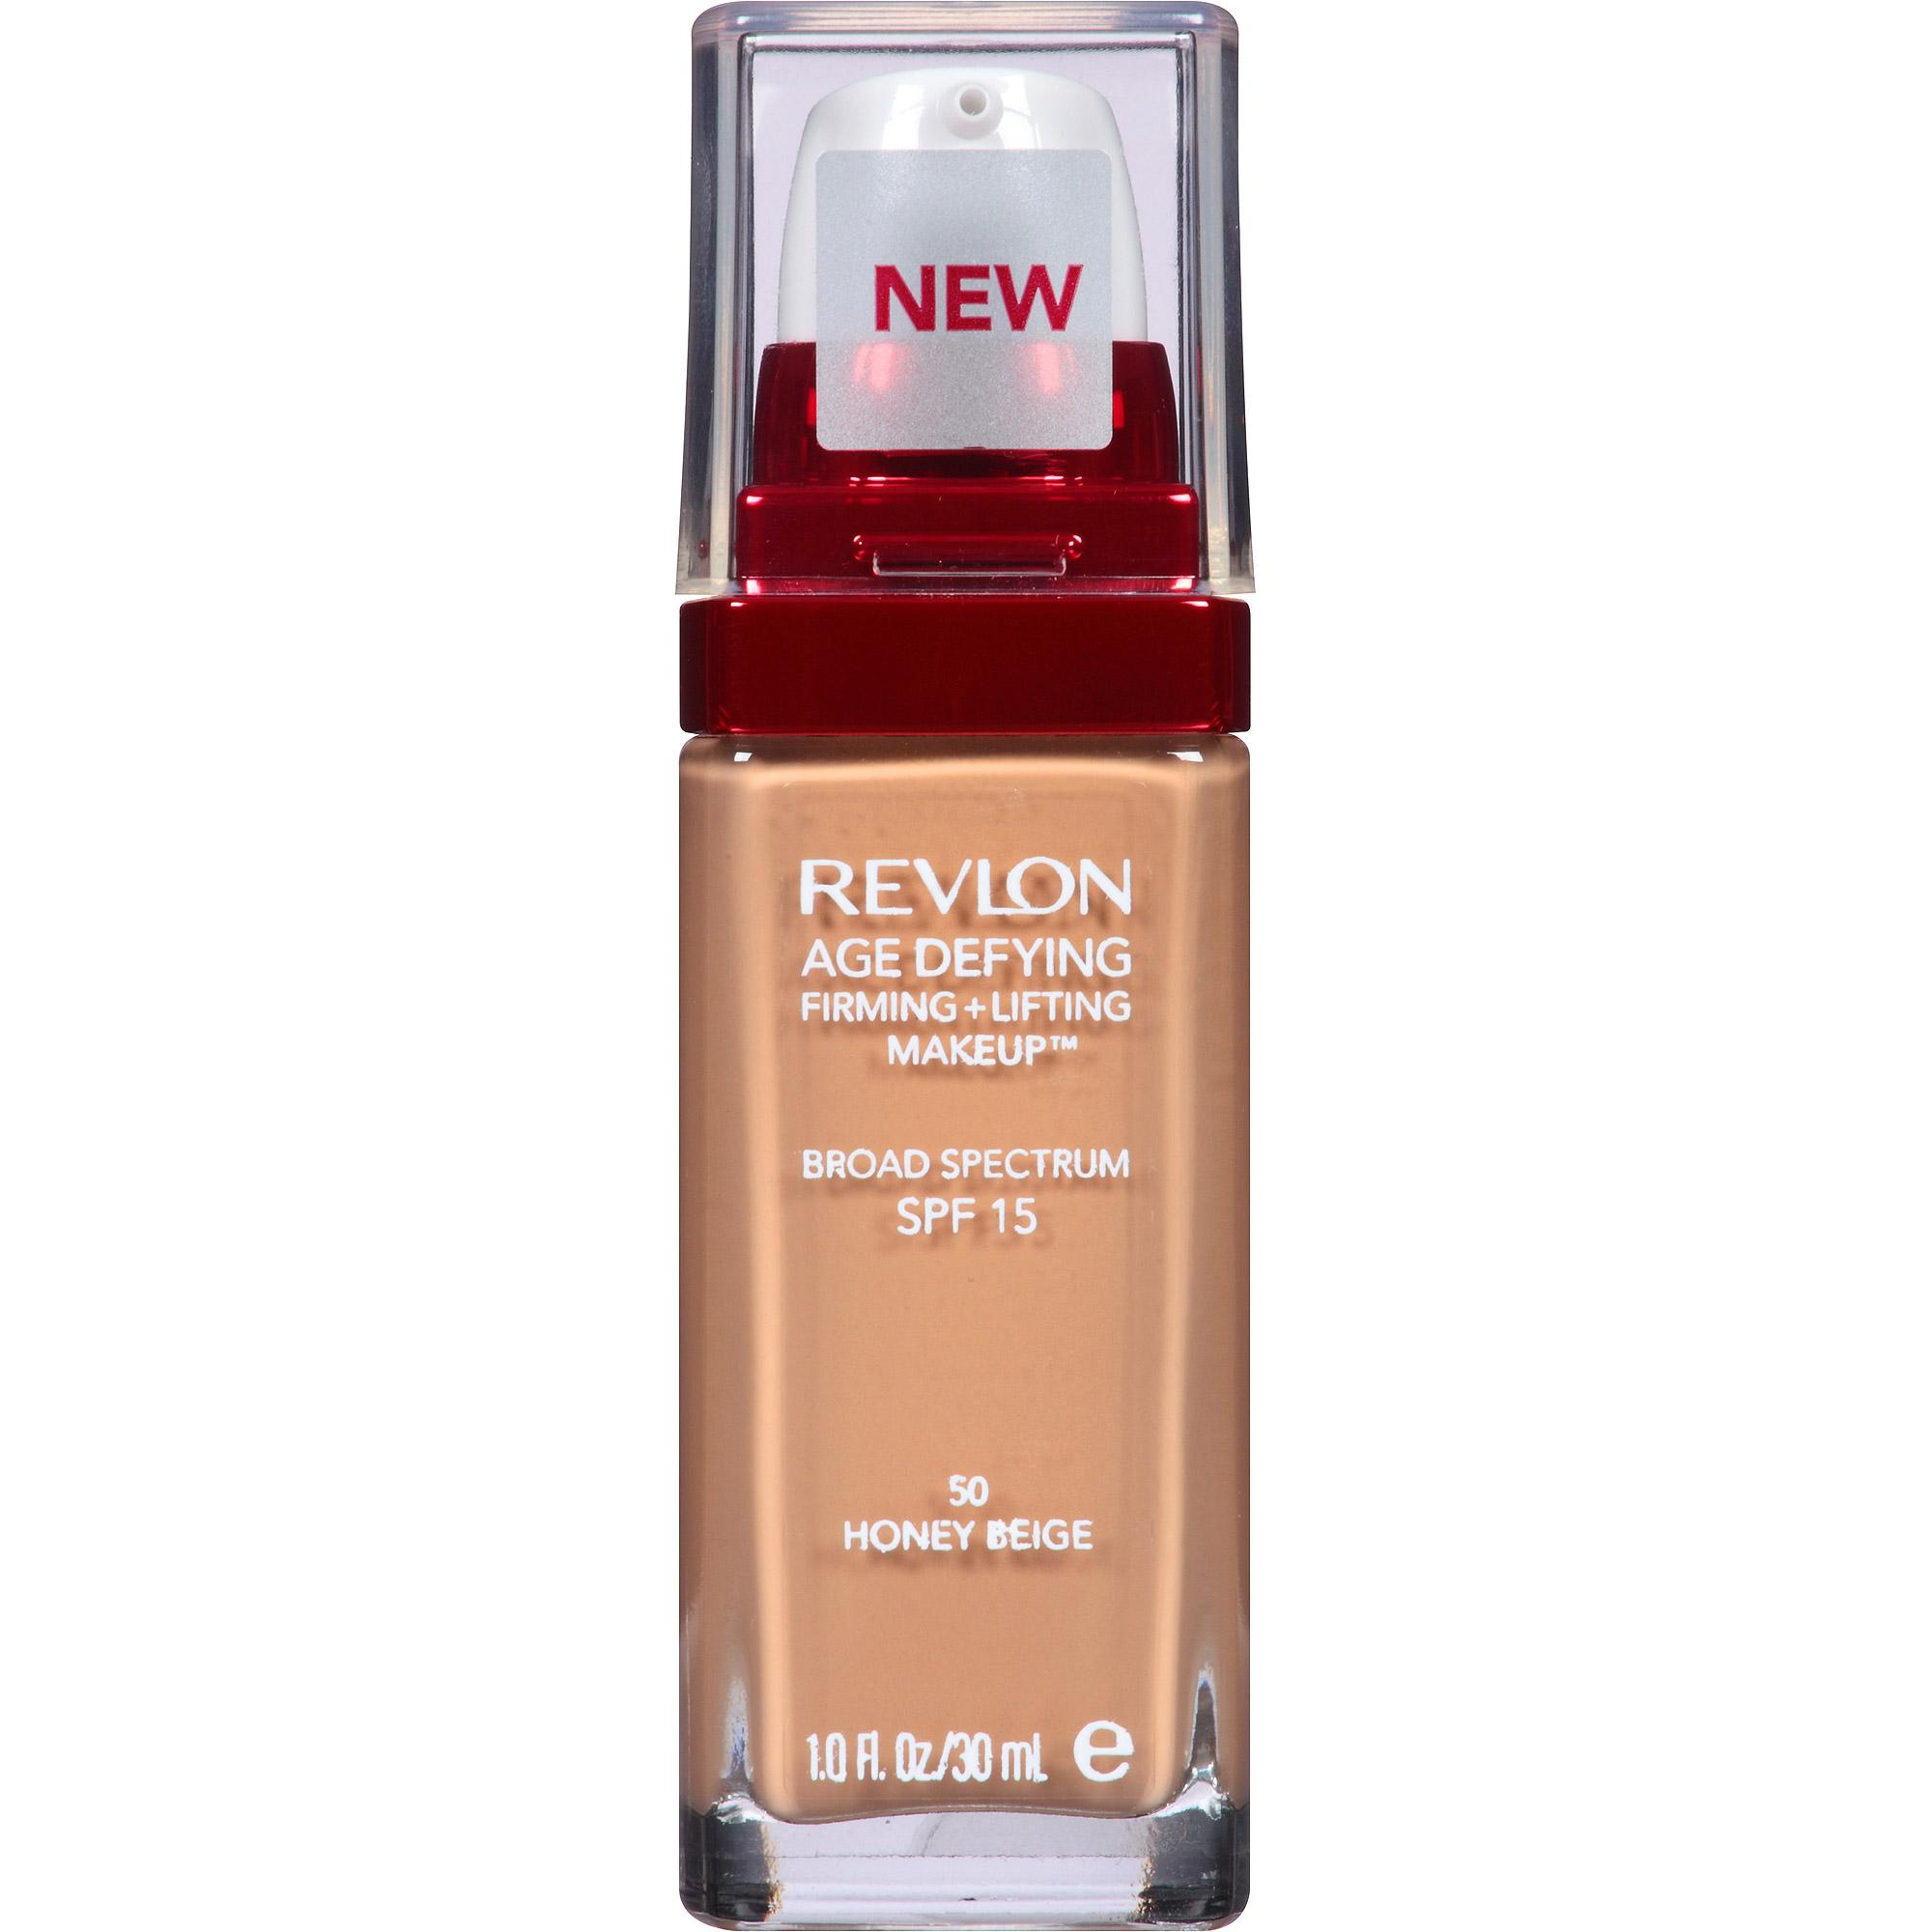 Maquillaje Para El Rostro Revlon edad desafiando reafirmante + Lifting maquillaje, Beige Miel 50, 1 fl oz + Revlon en Veo y Compro